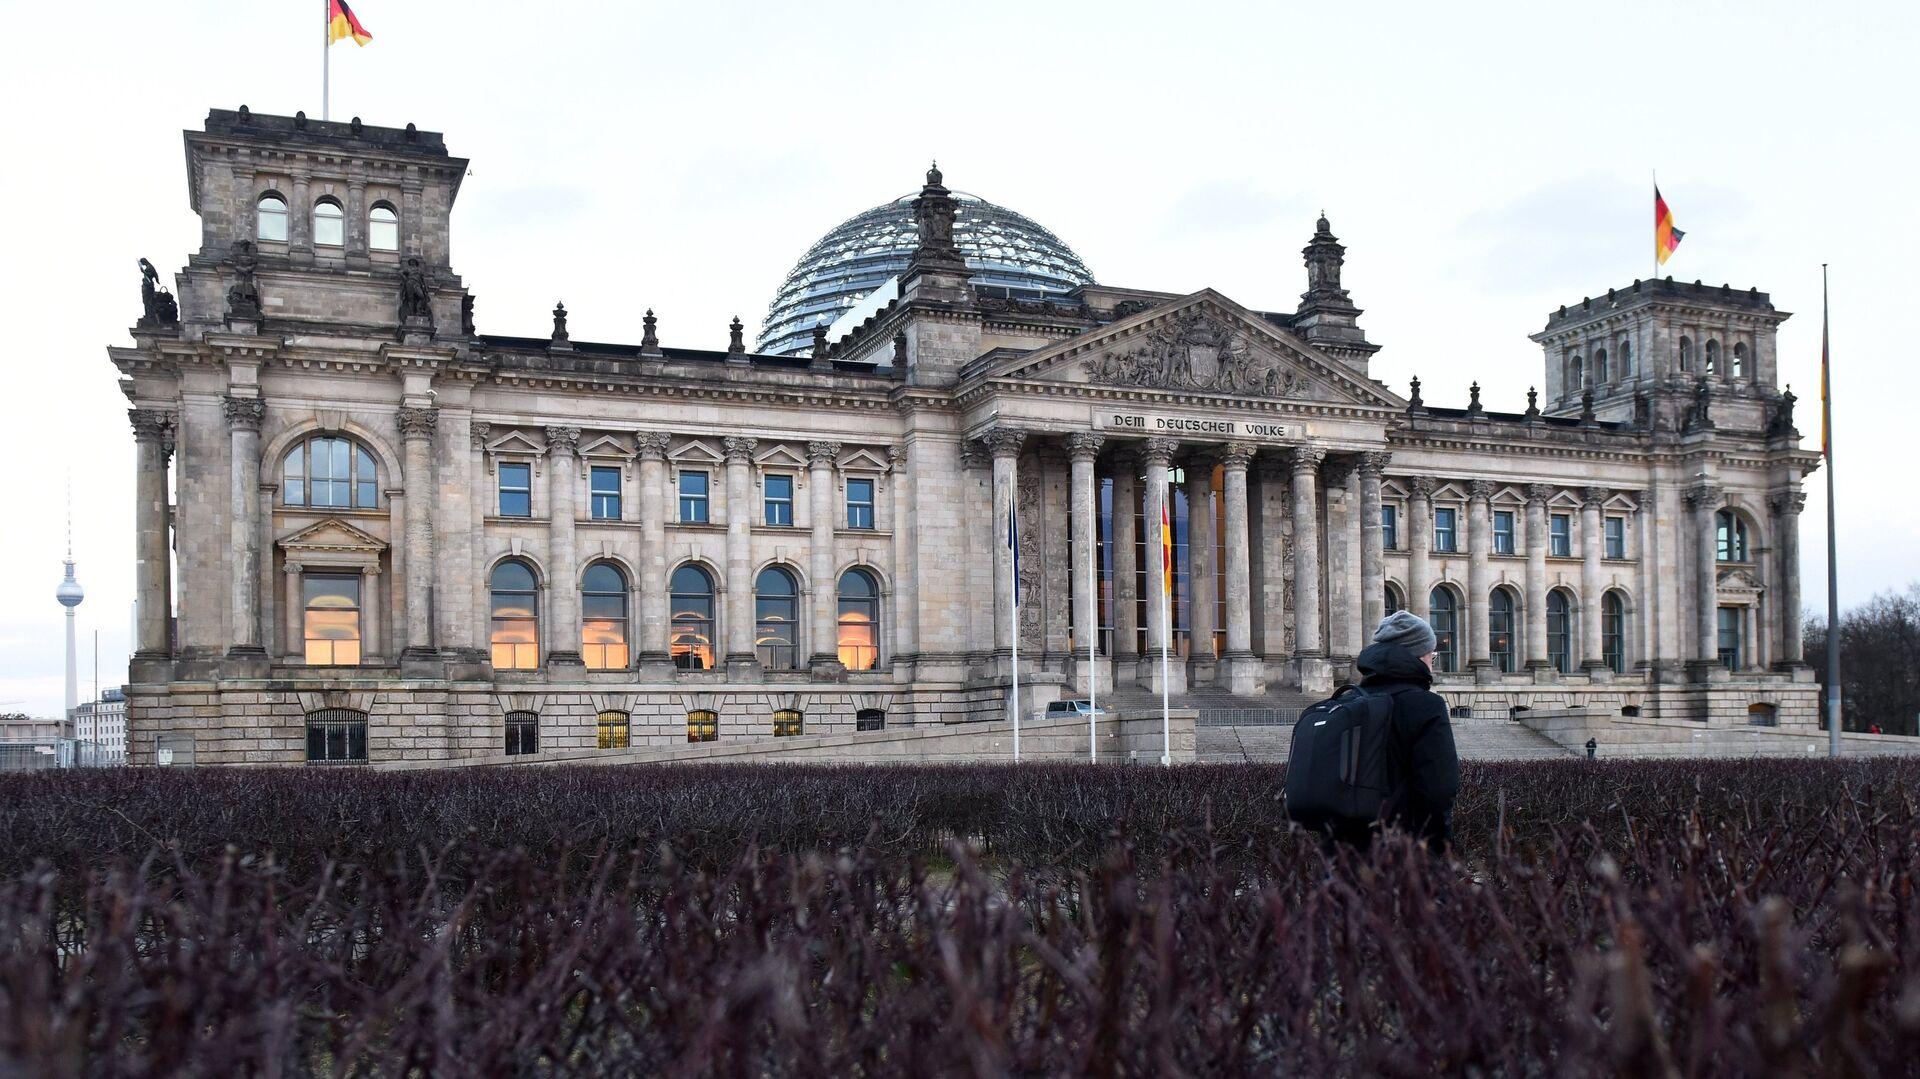 Историческое здание Рейхстага в центре Берлина на Парижской площади - РИА Новости, 1920, 19.09.2020